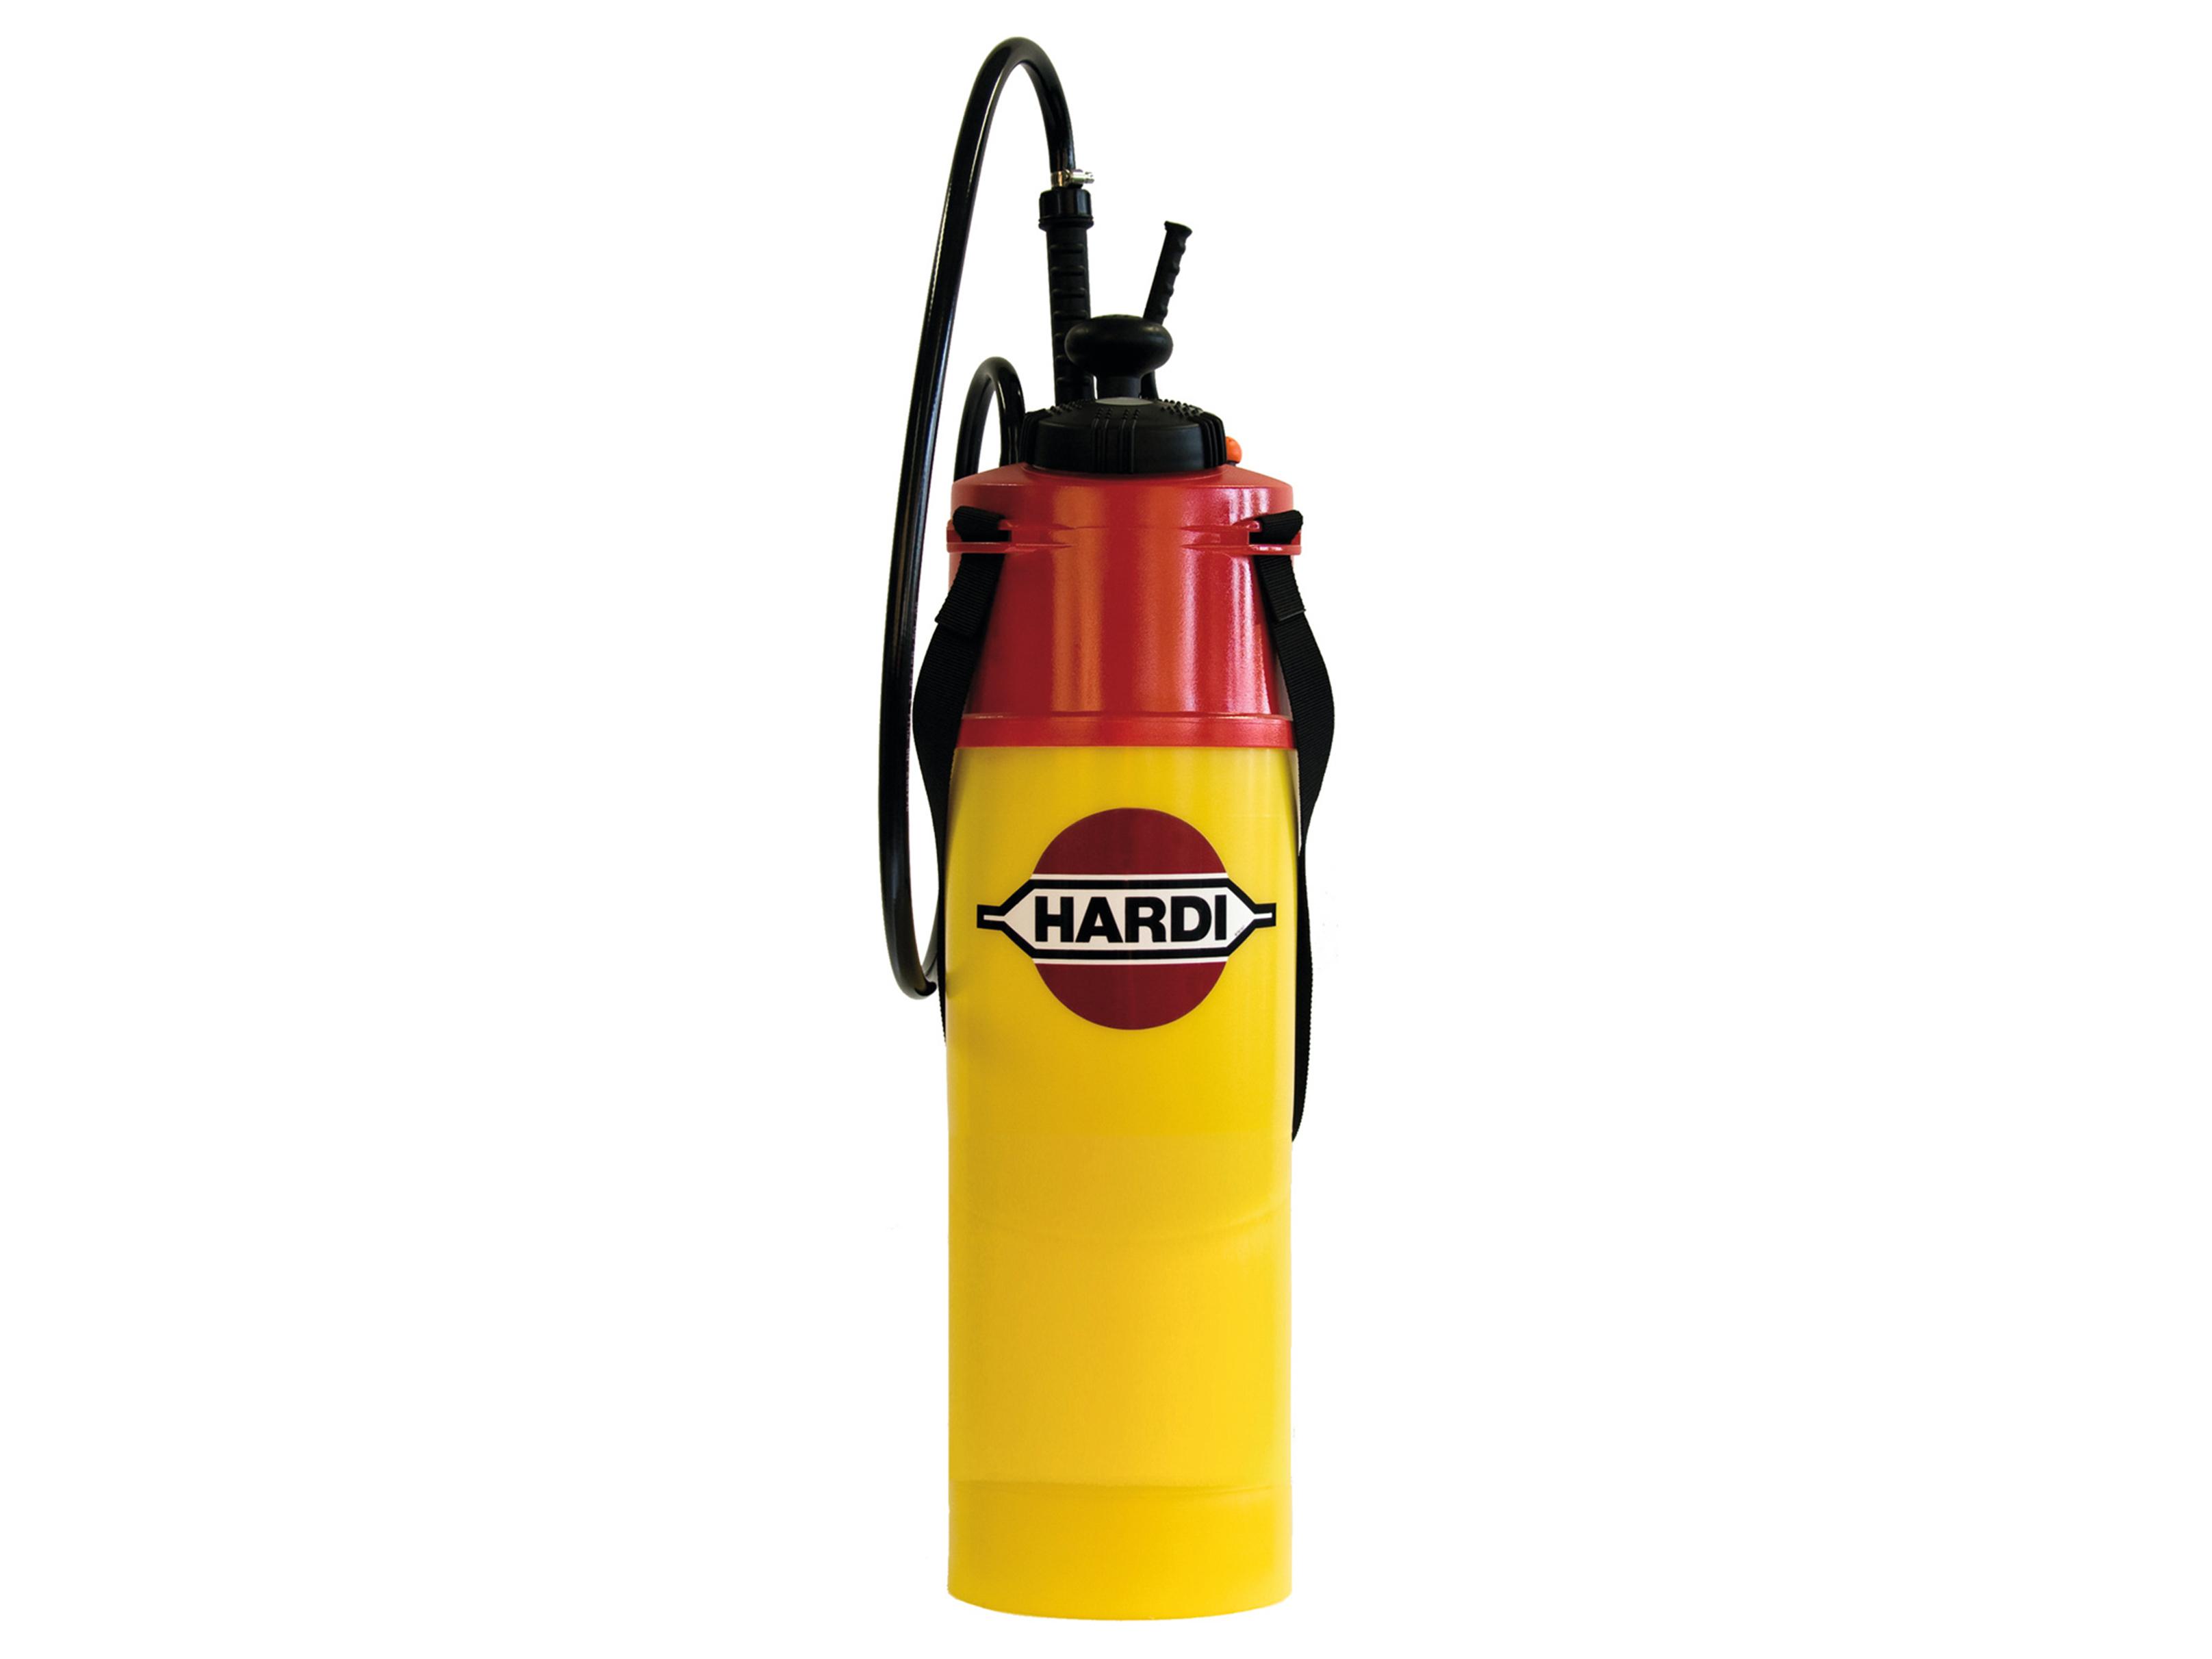 Hardi P8 Handheld Sprayer